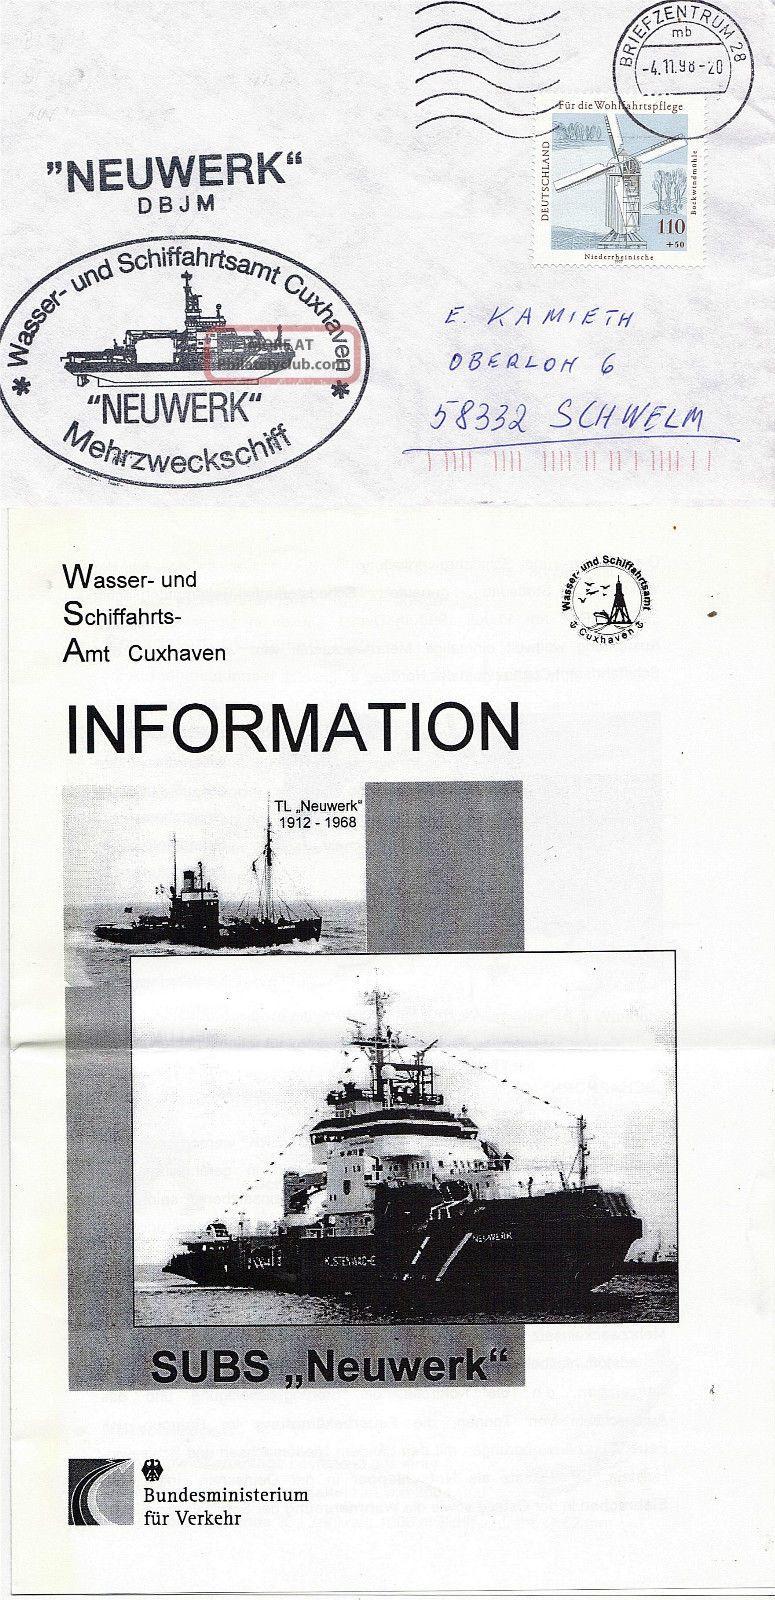 German Patrol Boat Ms Neuwerk Naval Cached Cover & Brochure Europe photo